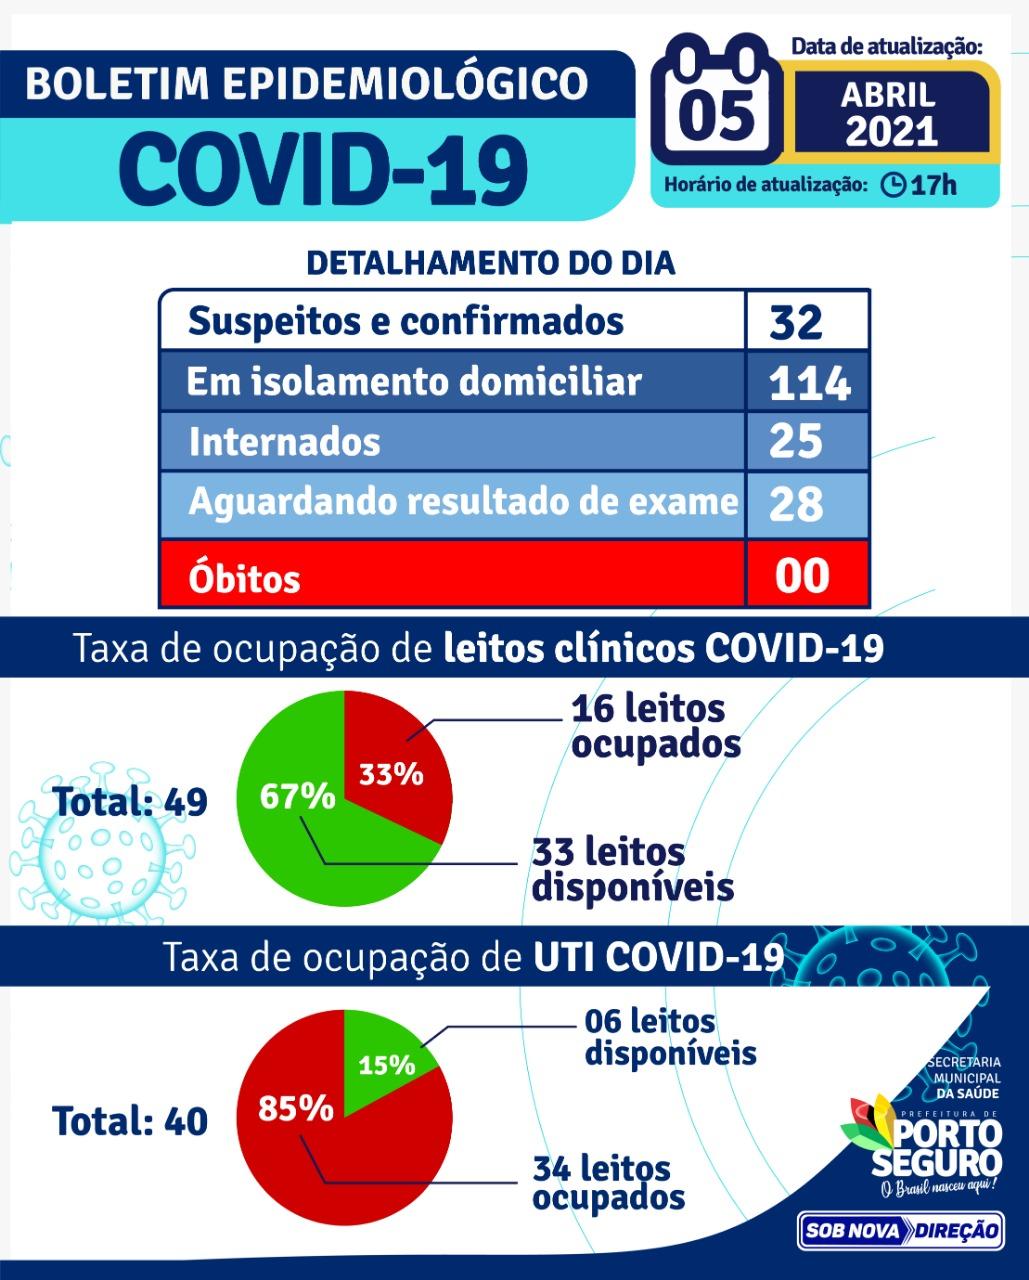 PORTO SEGURO: Boletim Coronavírus 05/abril 22